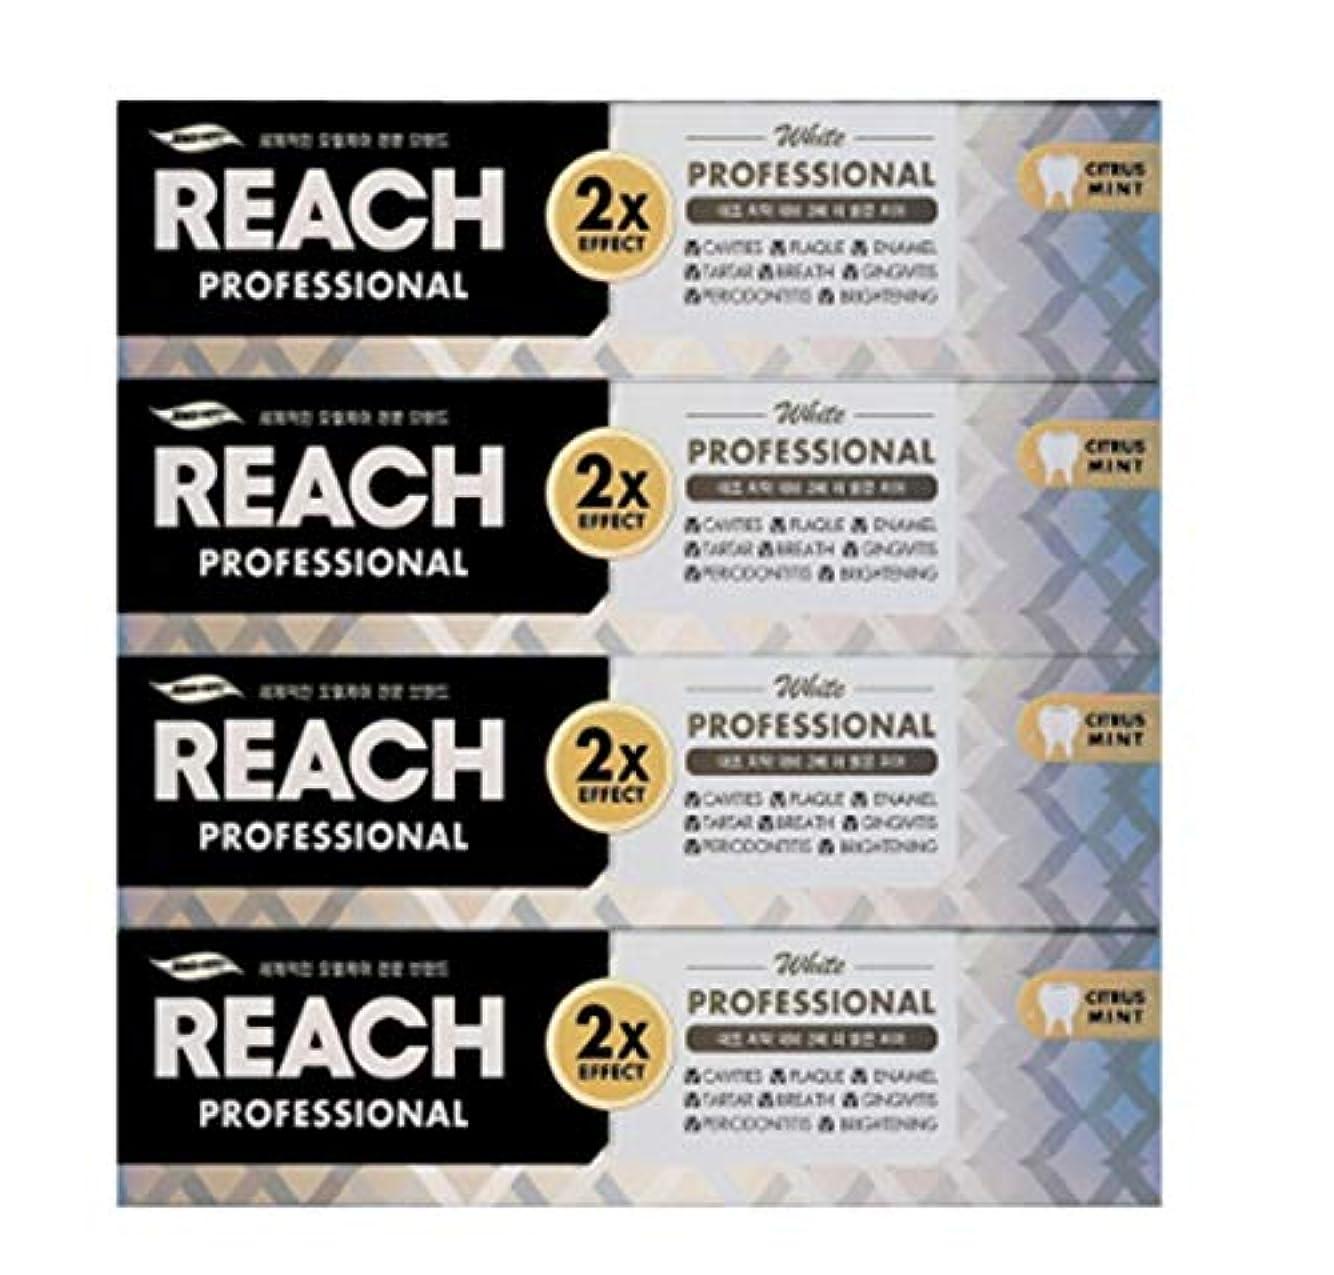 知り合いになるホット今日[LG生活と健康] LG Rich Professional toothpaste whiteningリッチ、プロフェッショナル歯磨き粉ホワイトニング120g*4つの(海外直送品)